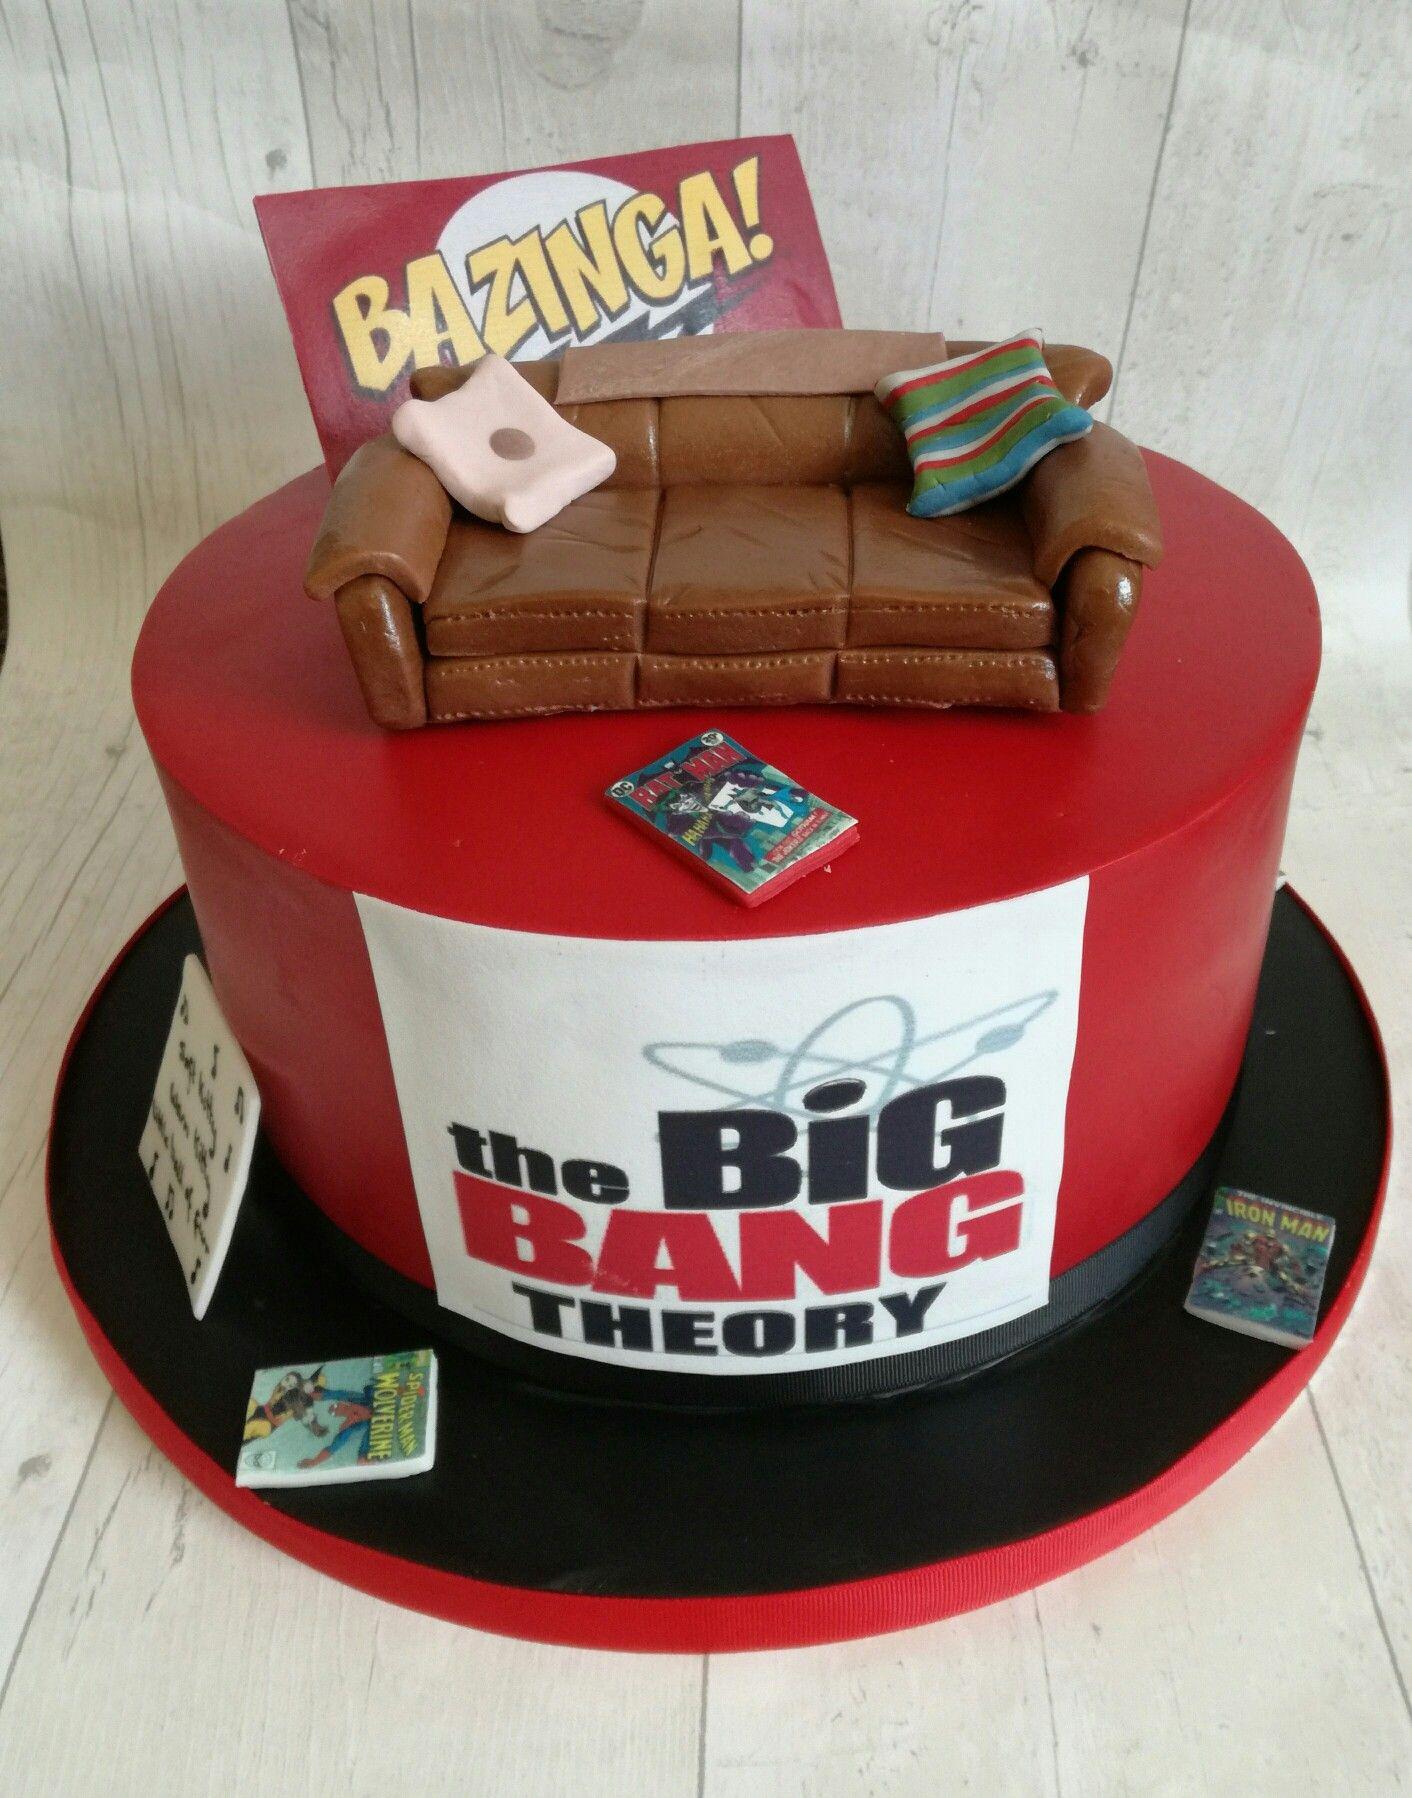 Big Bang Theory Cake Ideas Big Bang Theory Cake Ideas